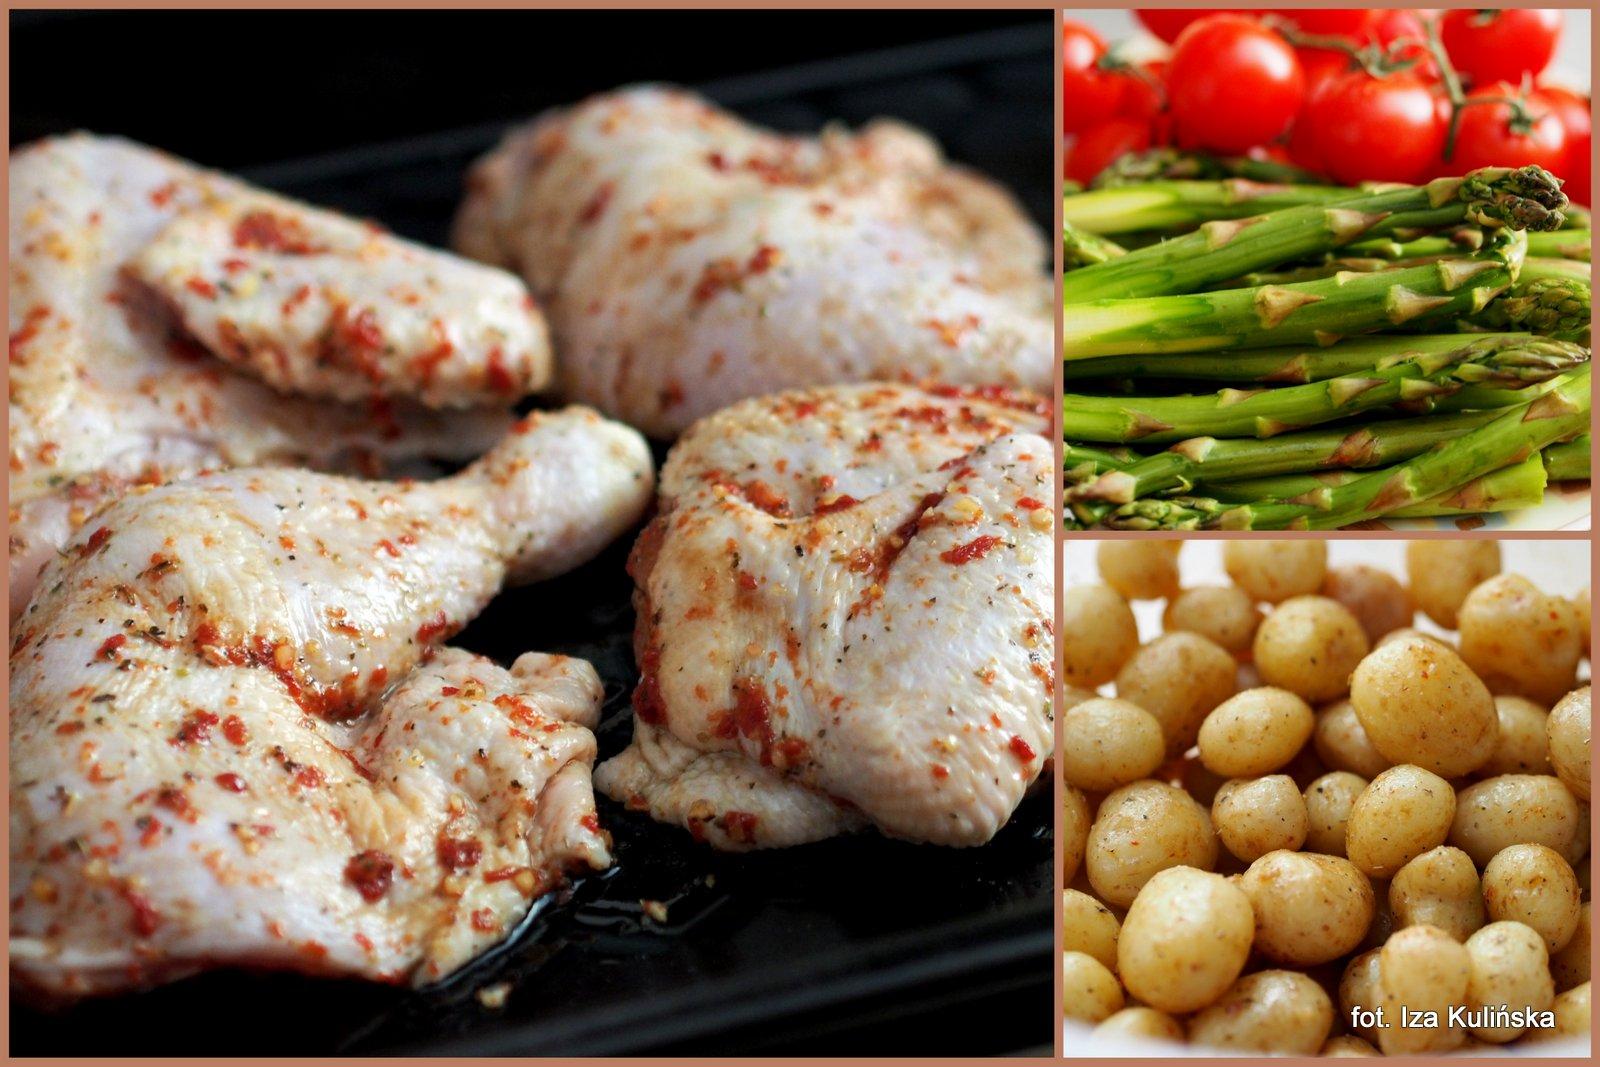 kurczak pieczony, pieczone warzywa, kawalki kurczaka, obiad z piekarnika, jednogarnkowe